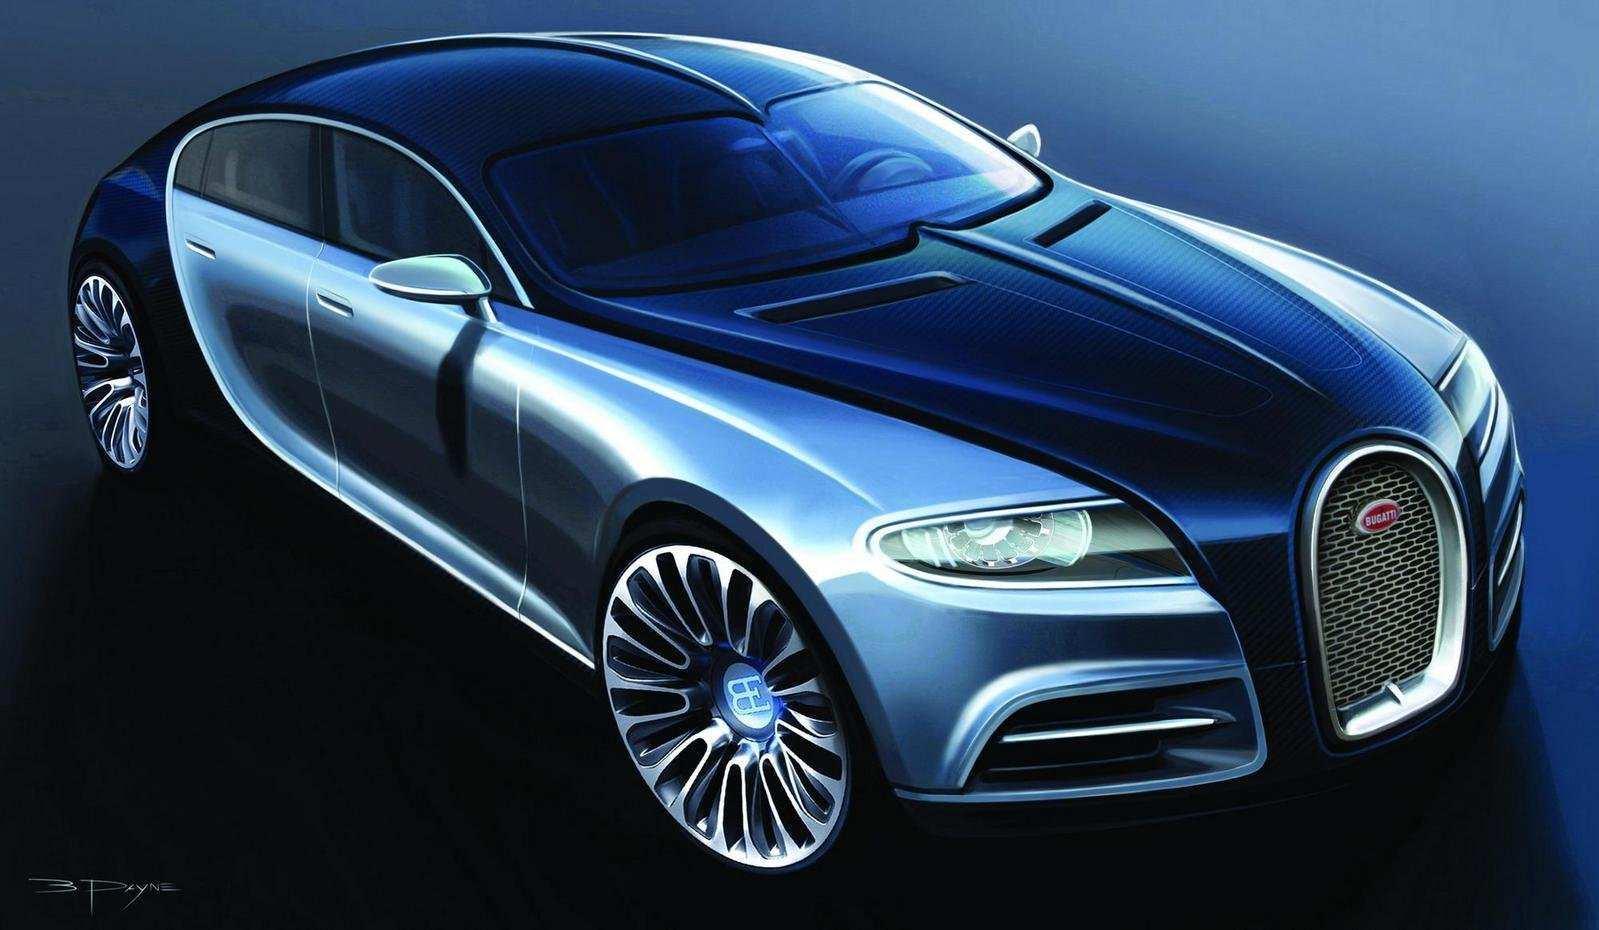 95 Gallery of 2020 Bugatti Rumors with 2020 Bugatti